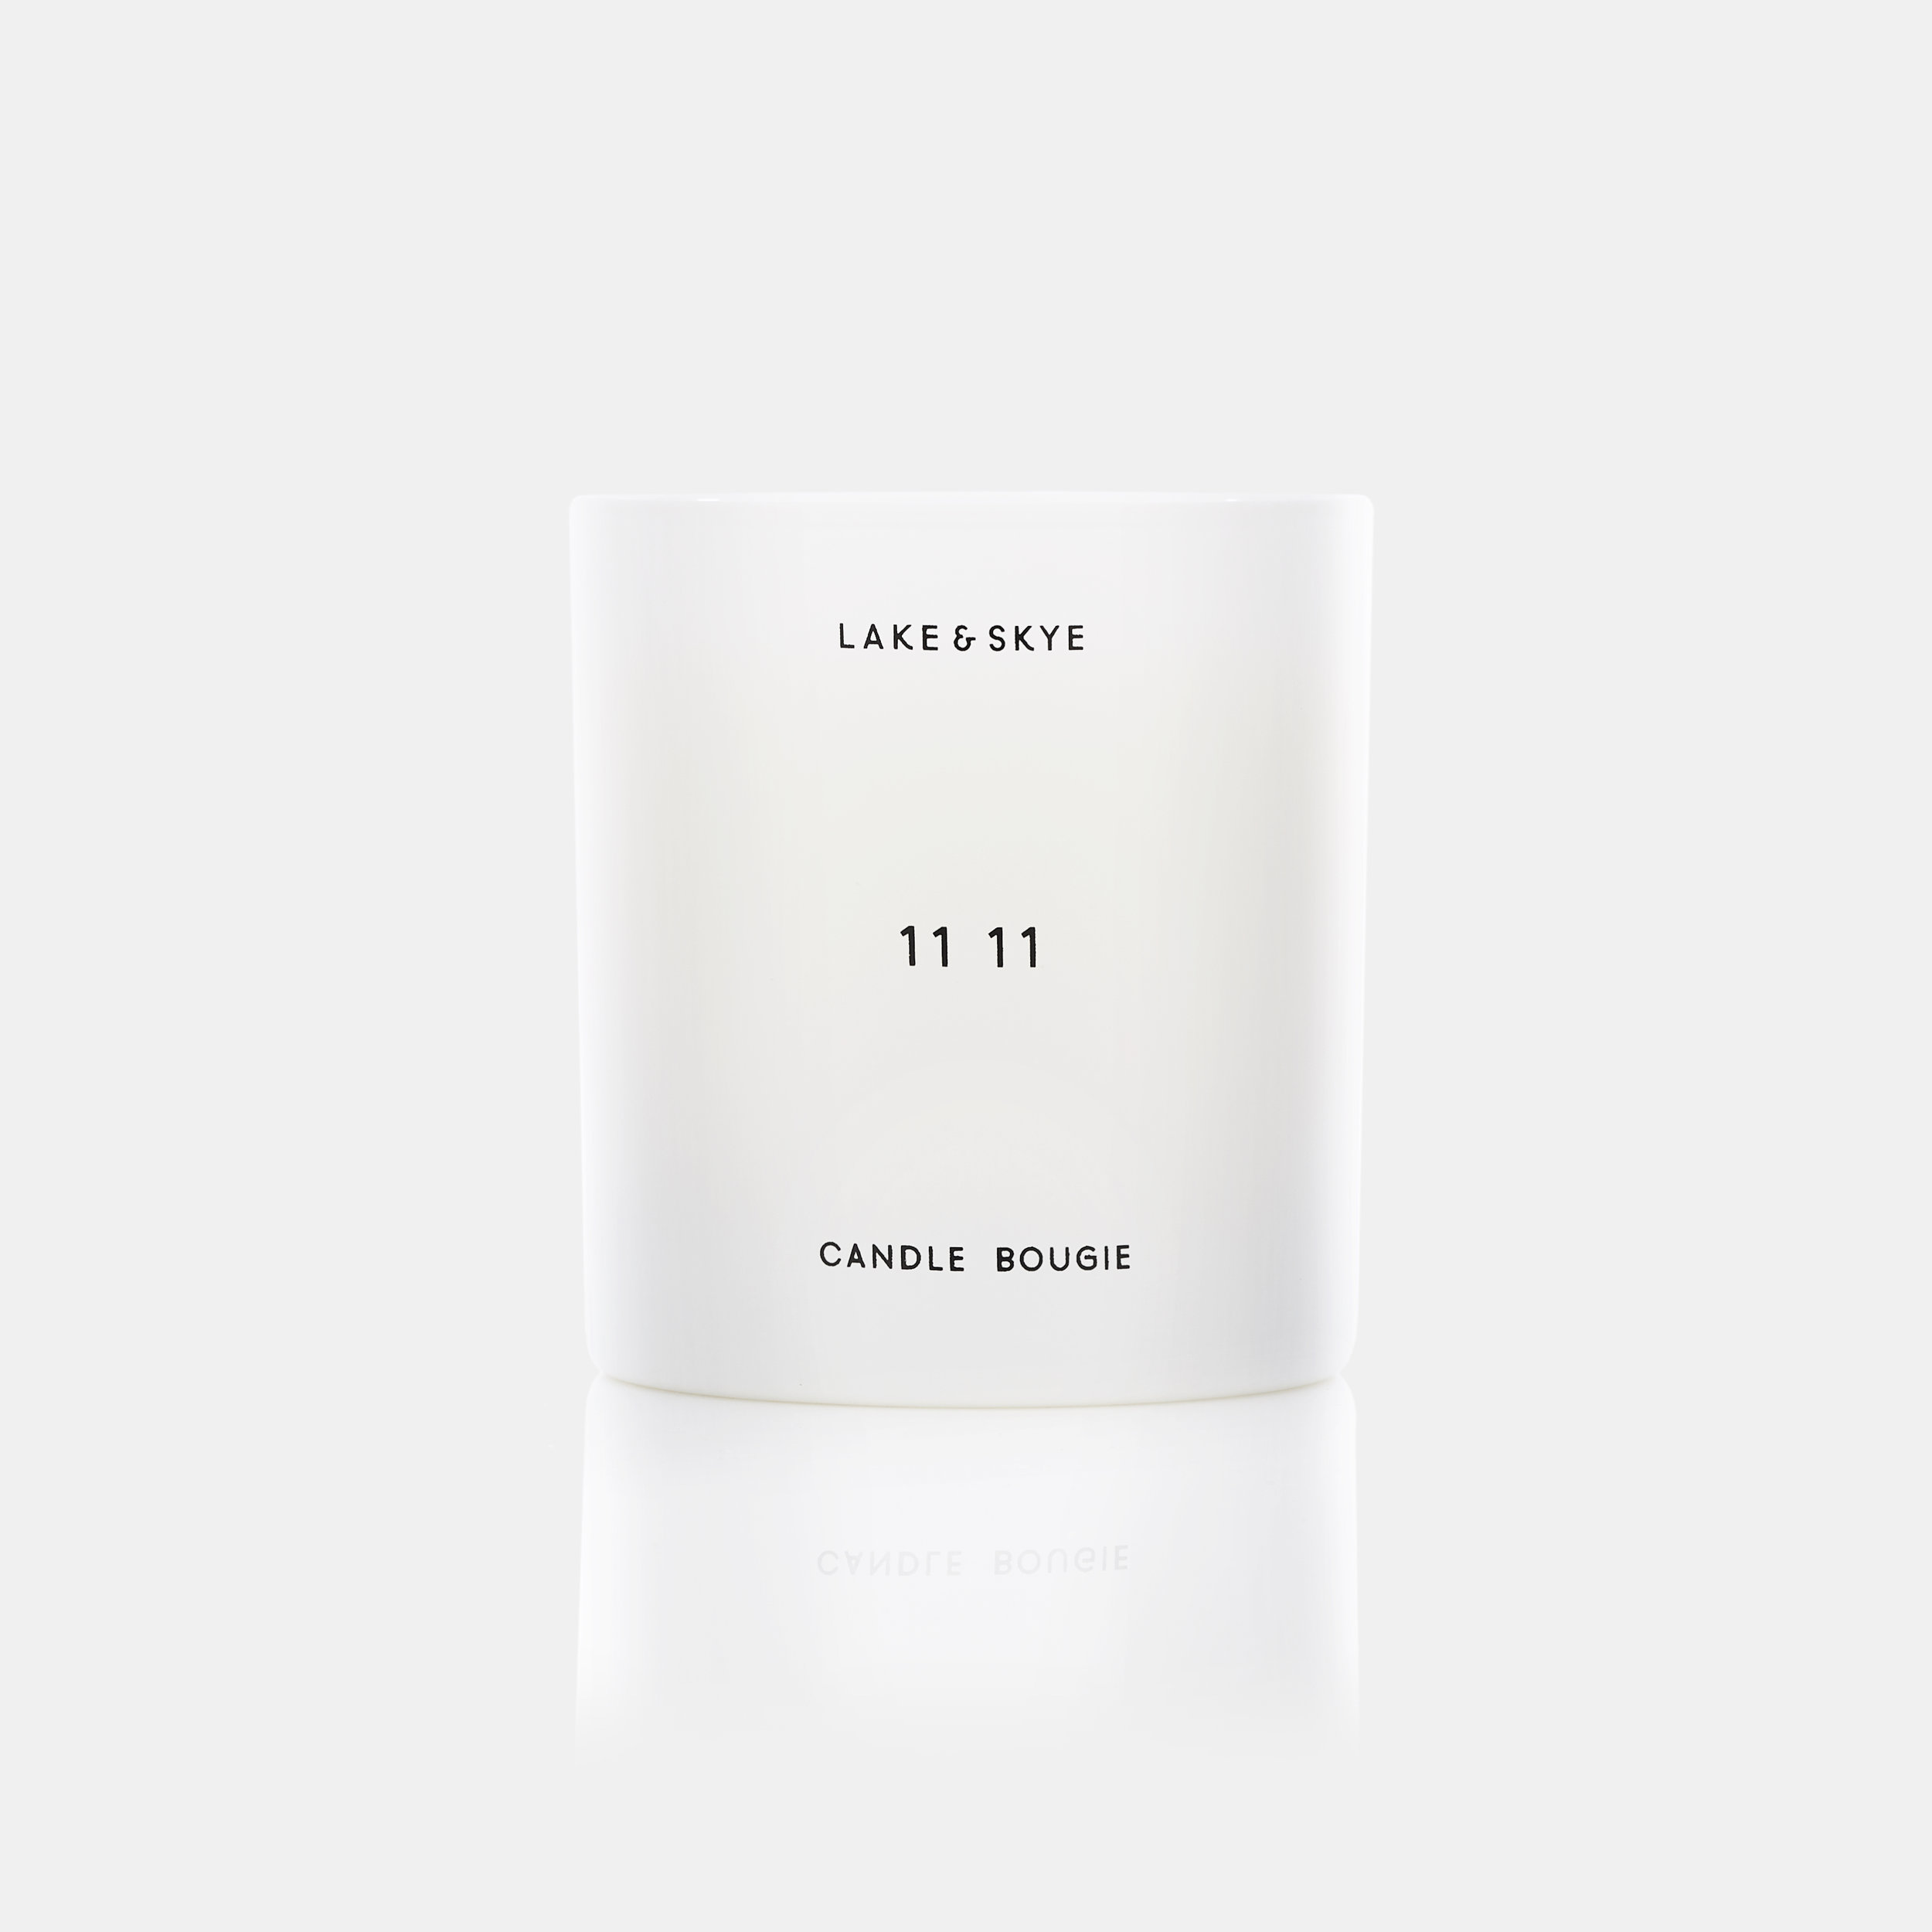 Lake-Skye-09-2018-11-11-Candle_jpeg.jpg